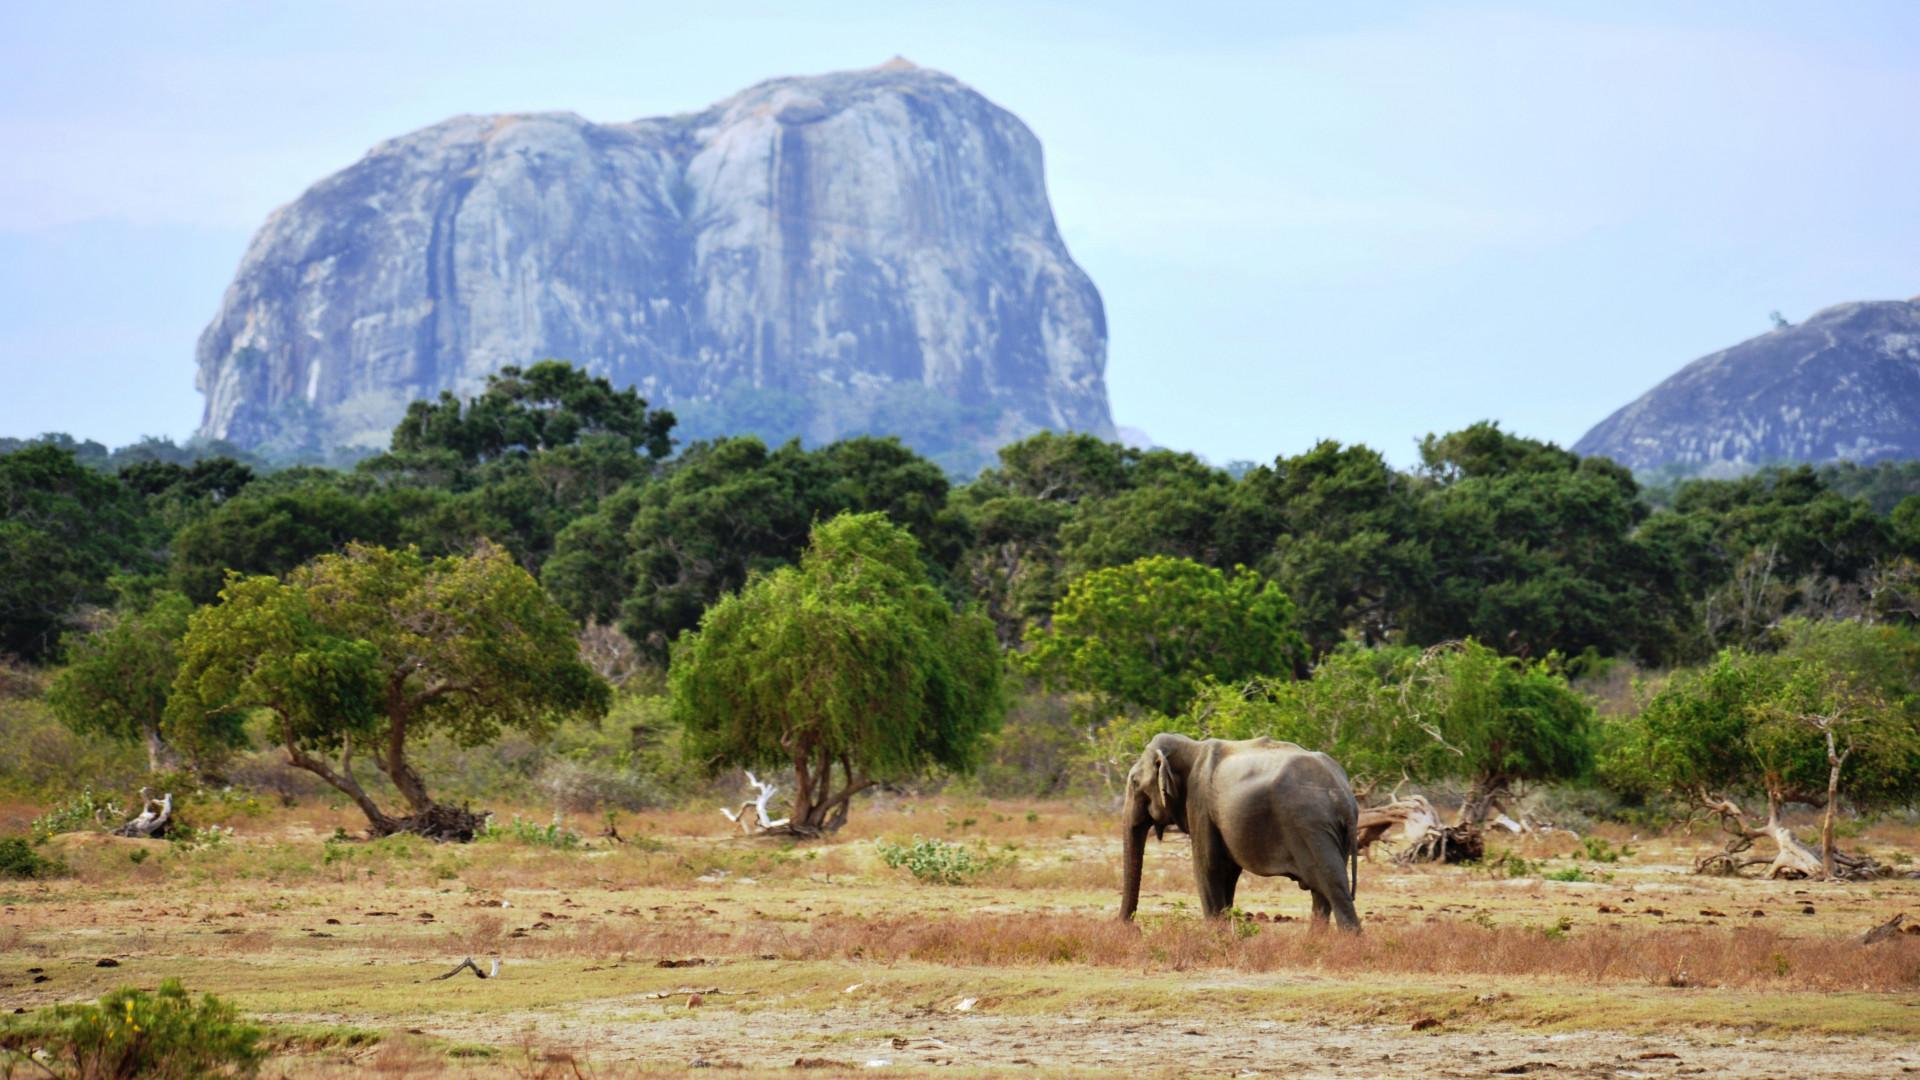 An elephant in Yala National Game Reserve, Sri Lanka